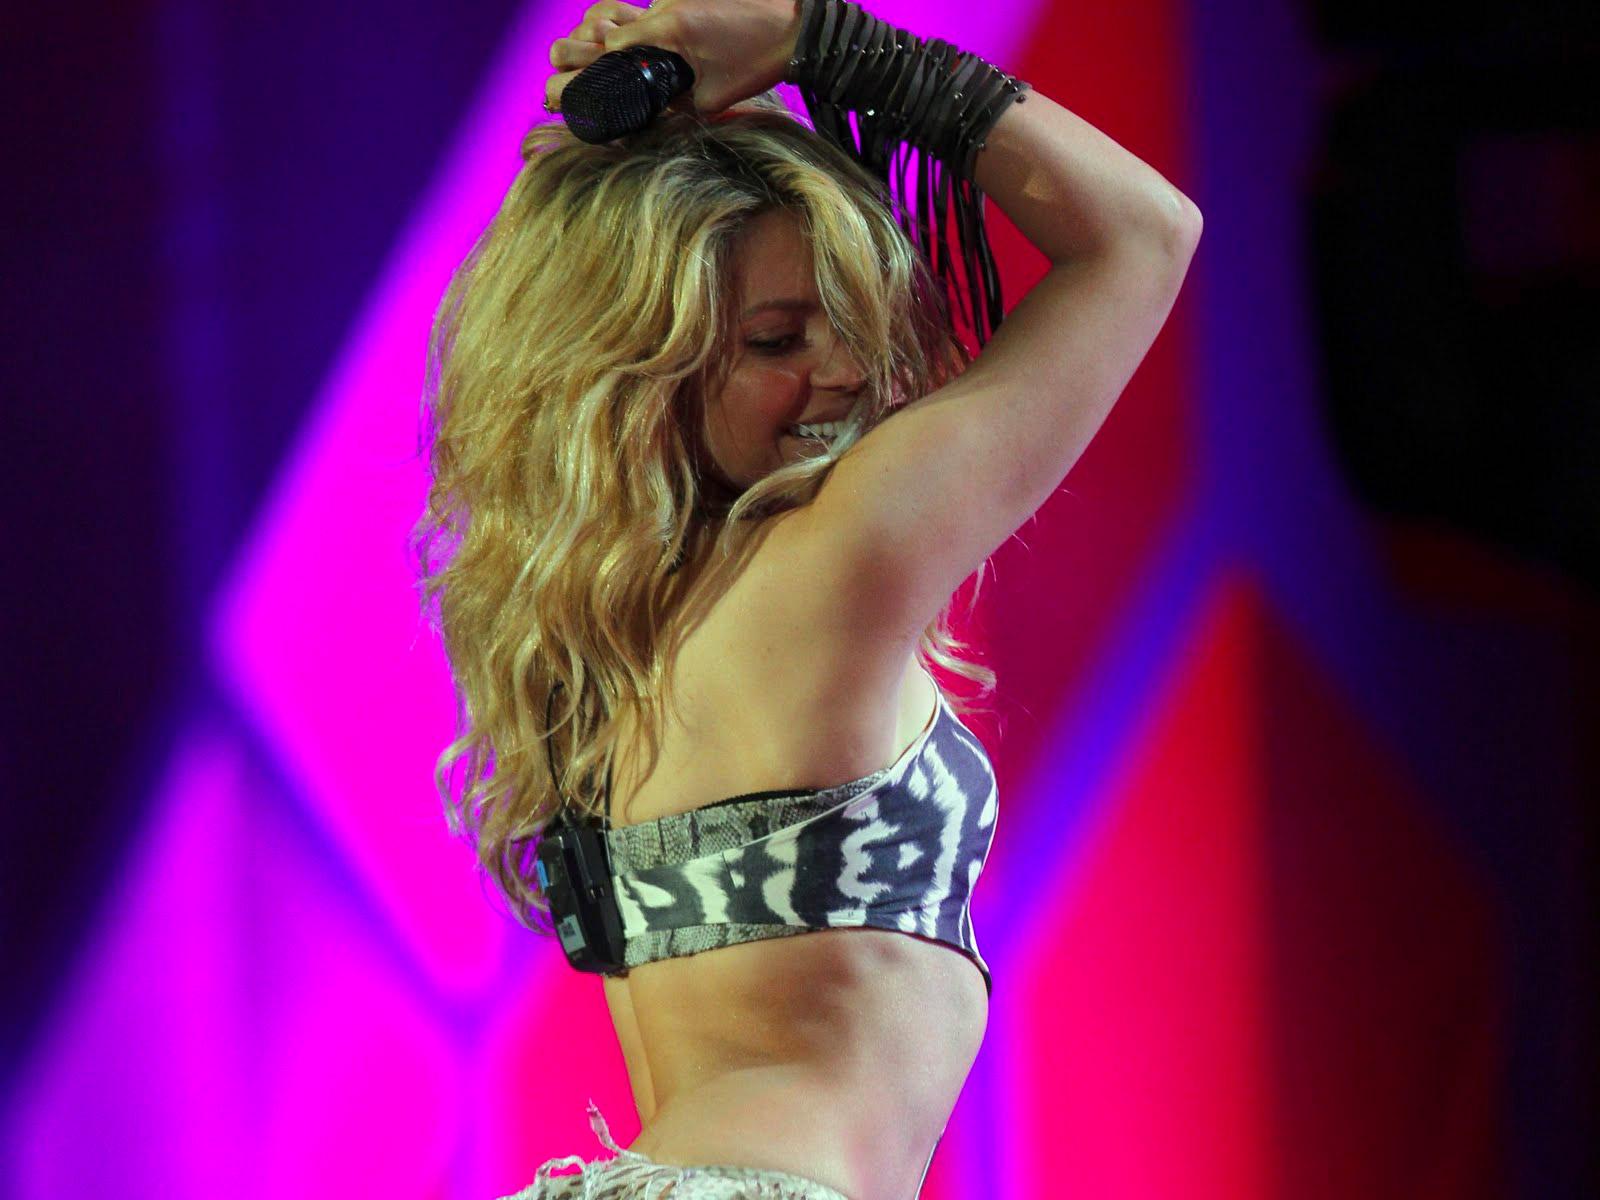 Шакира, зажигательный танец живота, и самое лучшее подражание на танец от Джулио Дилемми